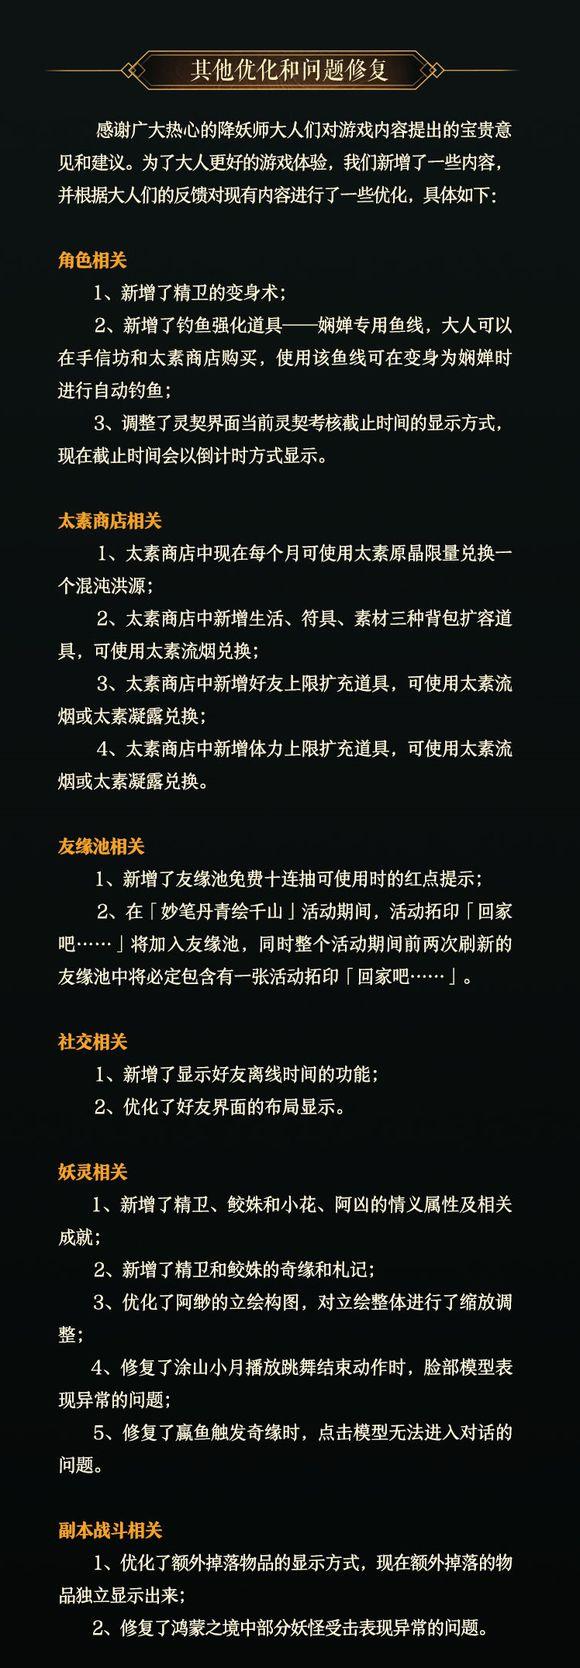 神都夜行录1月11日更新公告 新SR妖灵精卫-鲛姝上线[多图]